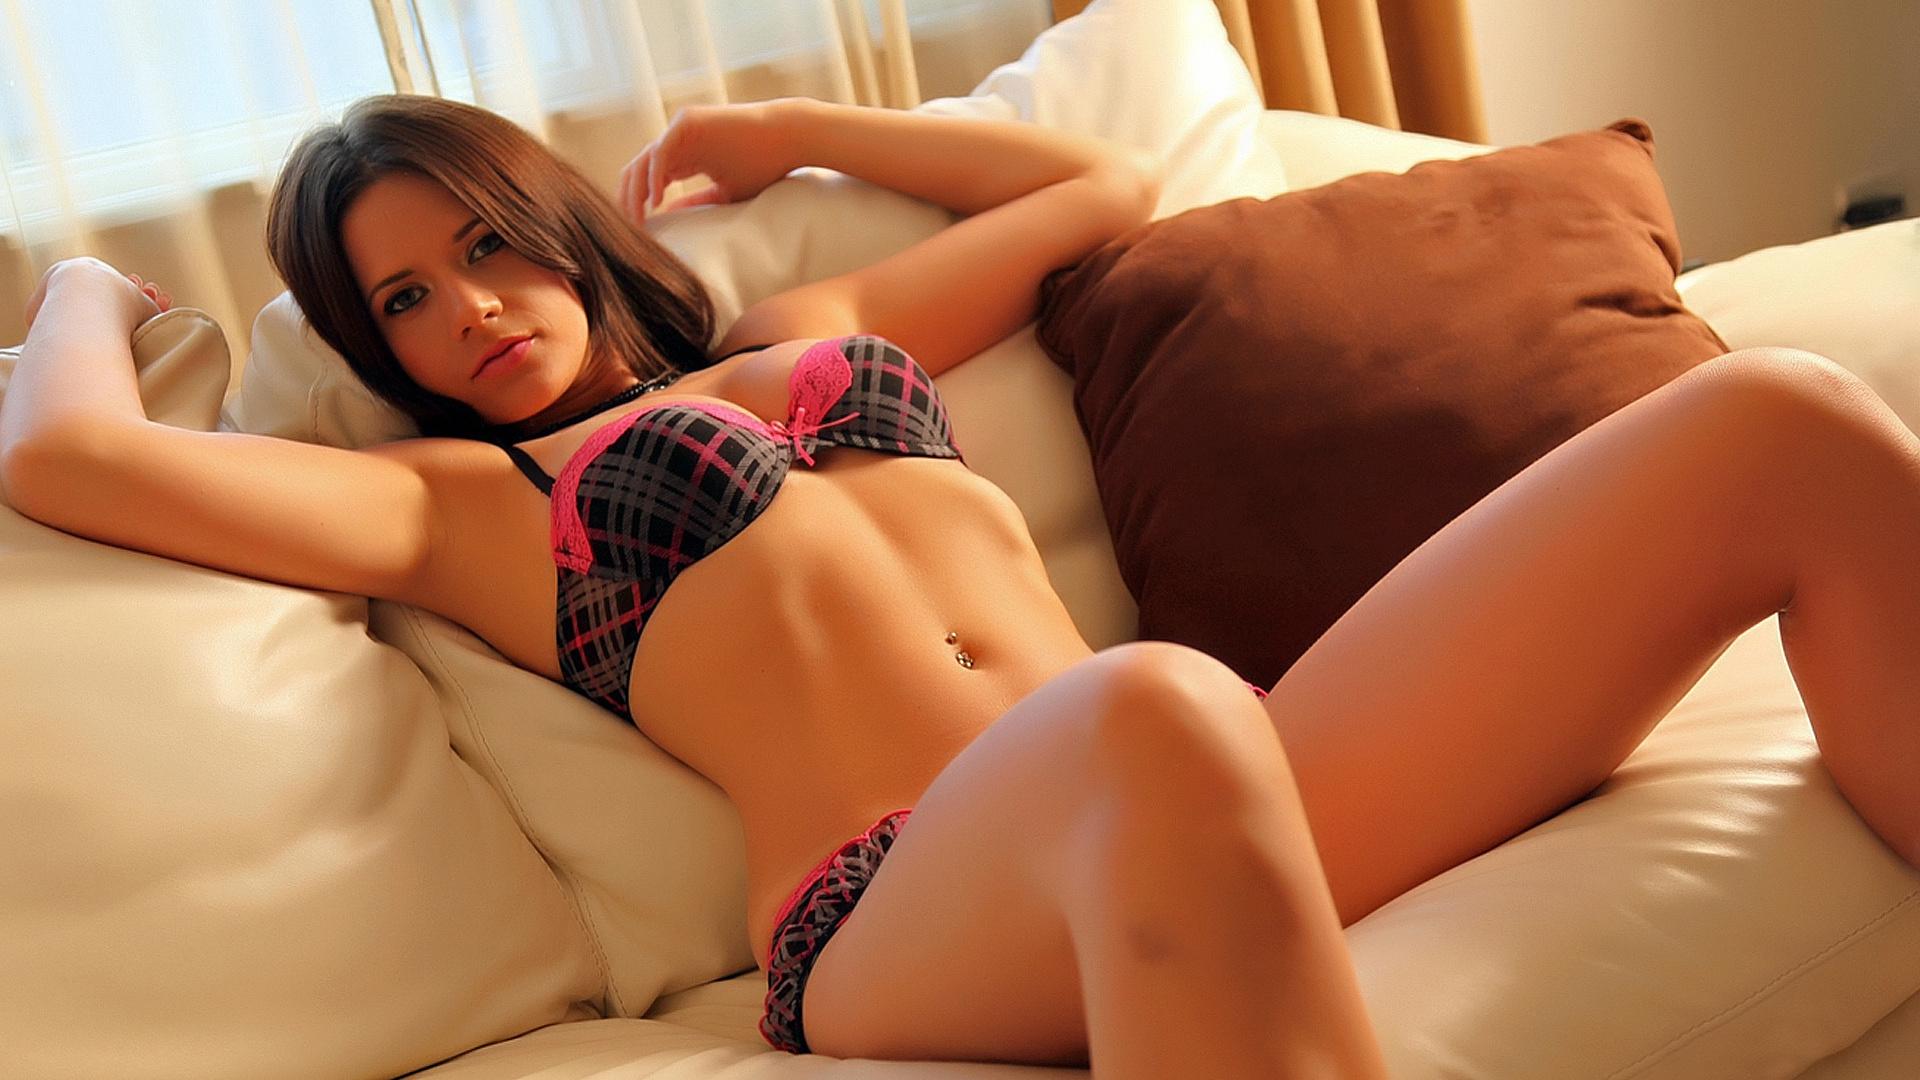 Сэкс с красивой, Категория Красивые - красивое порно, красивые 32 фотография